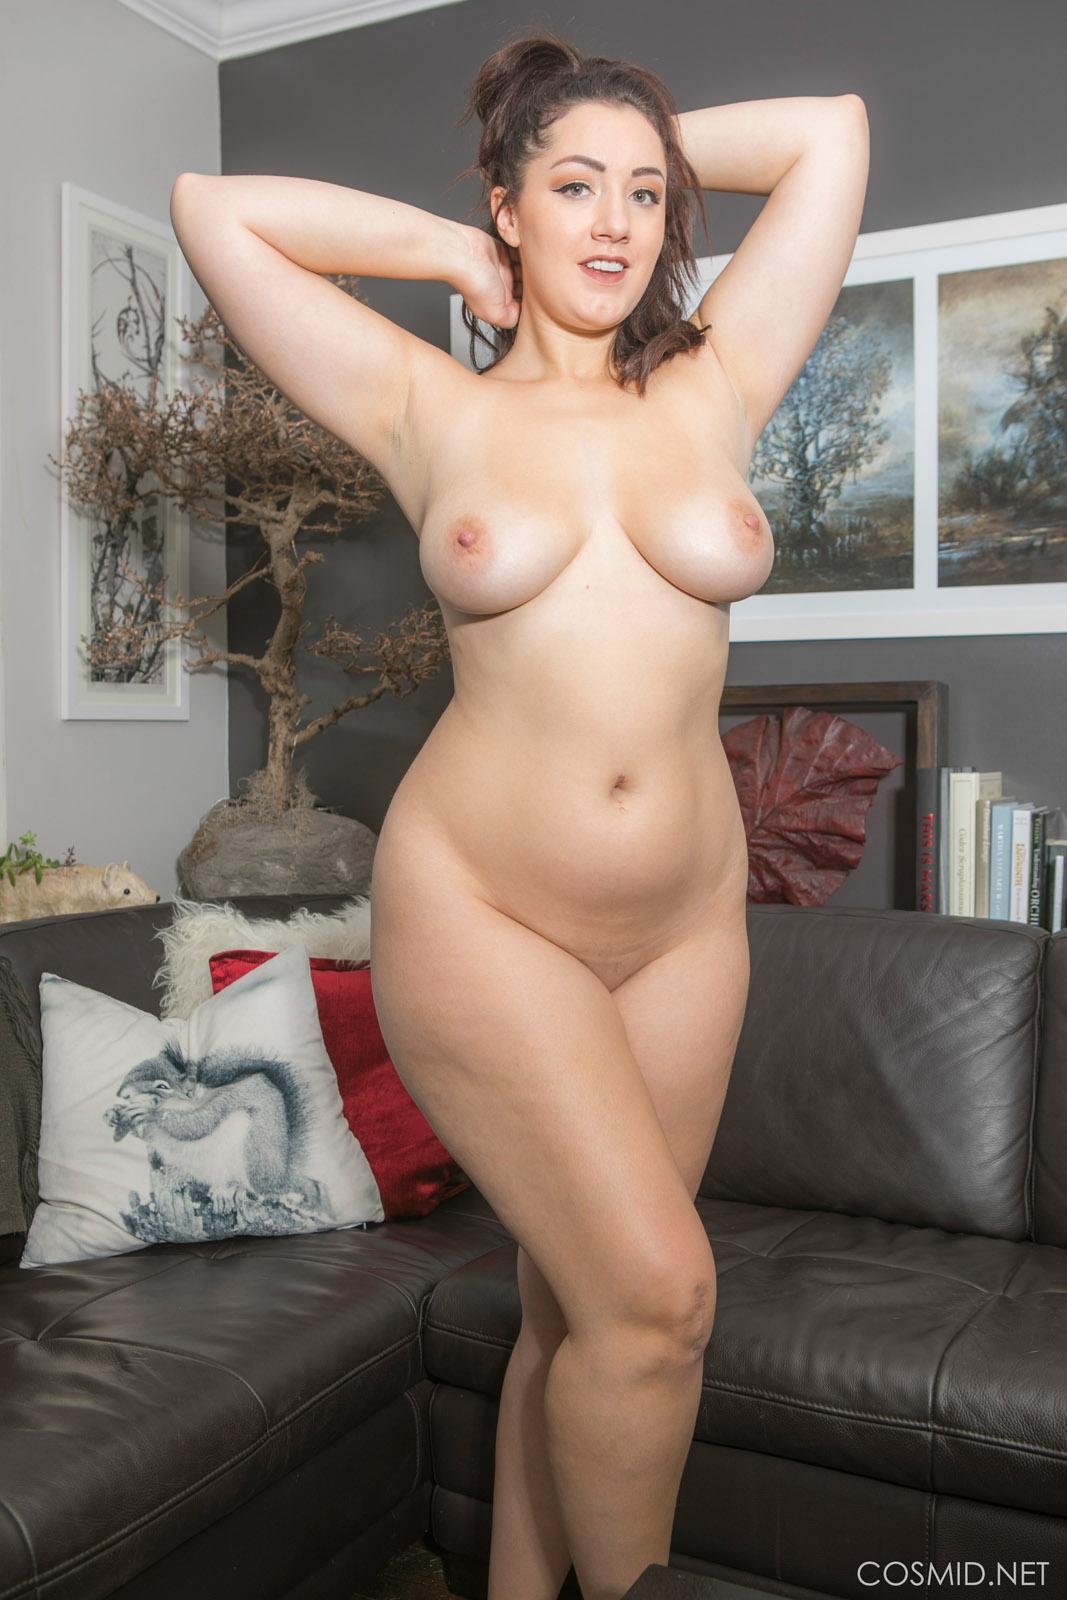 Lexi nude